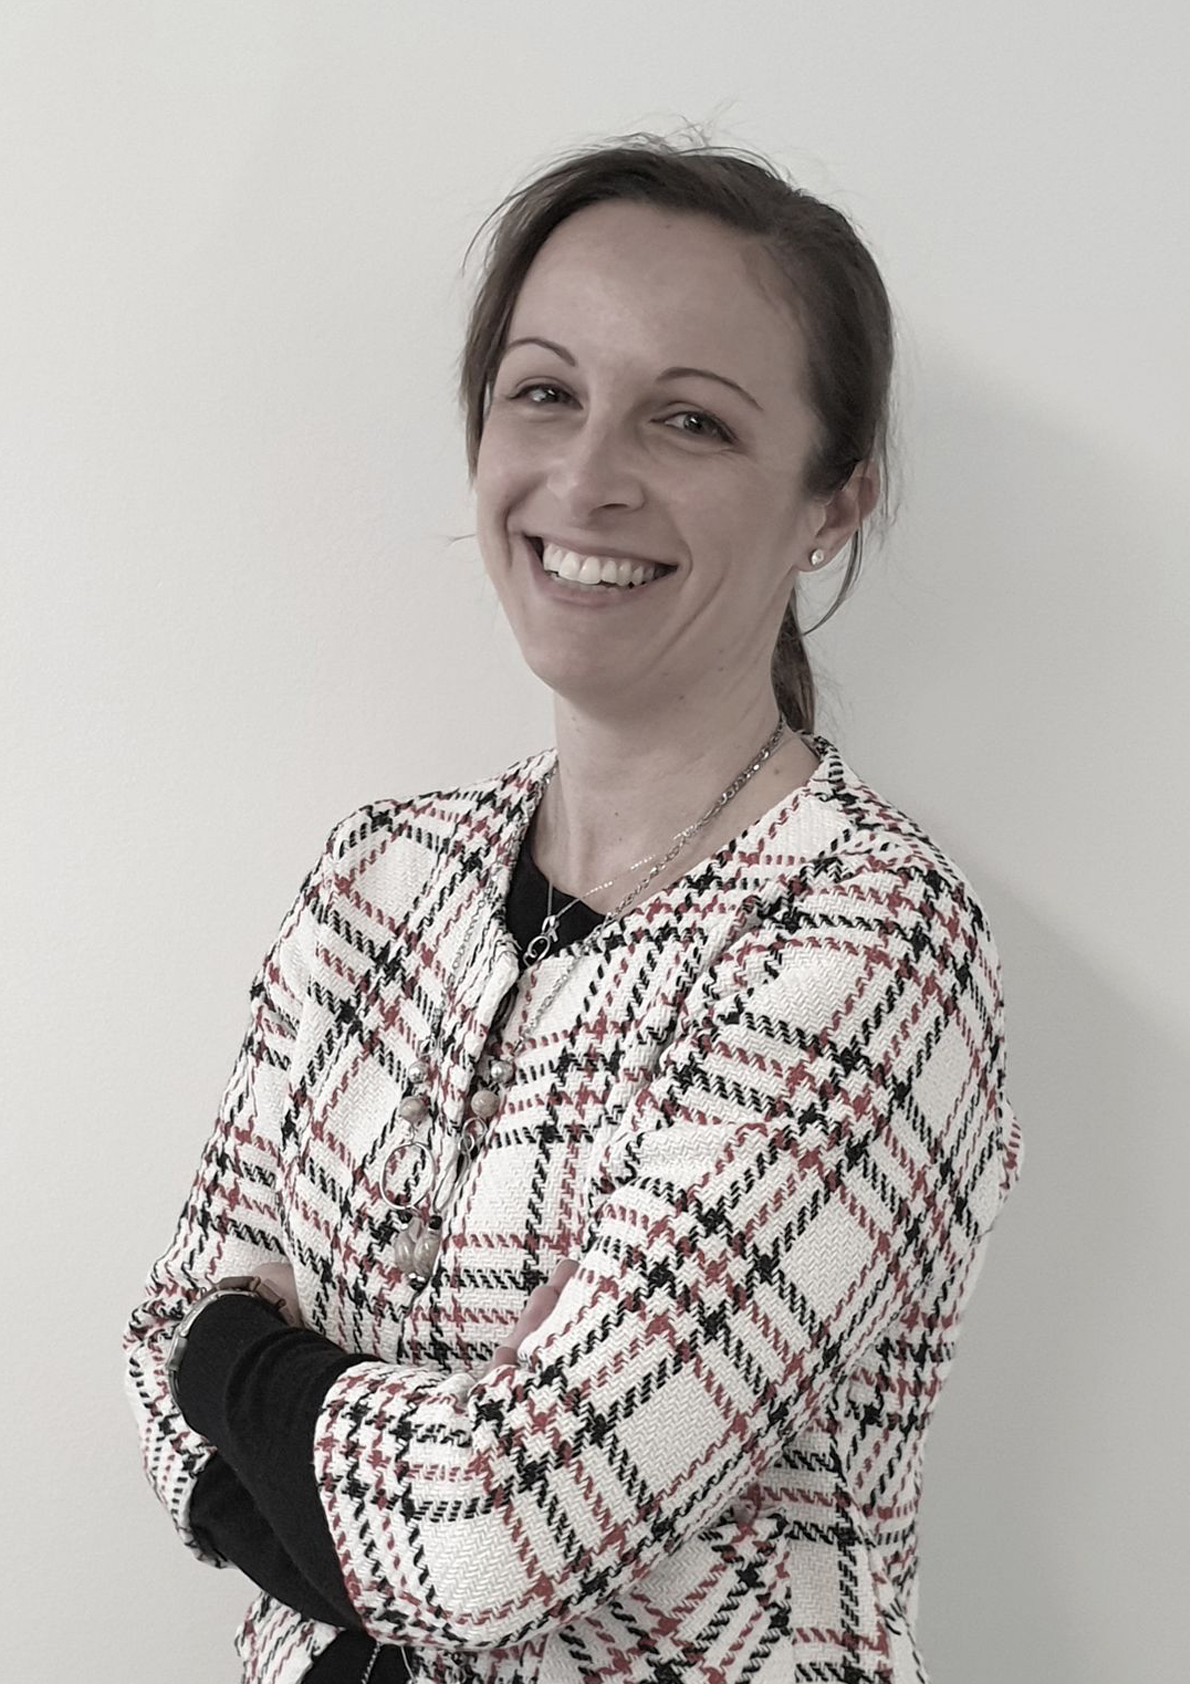 Valeria Marenzi